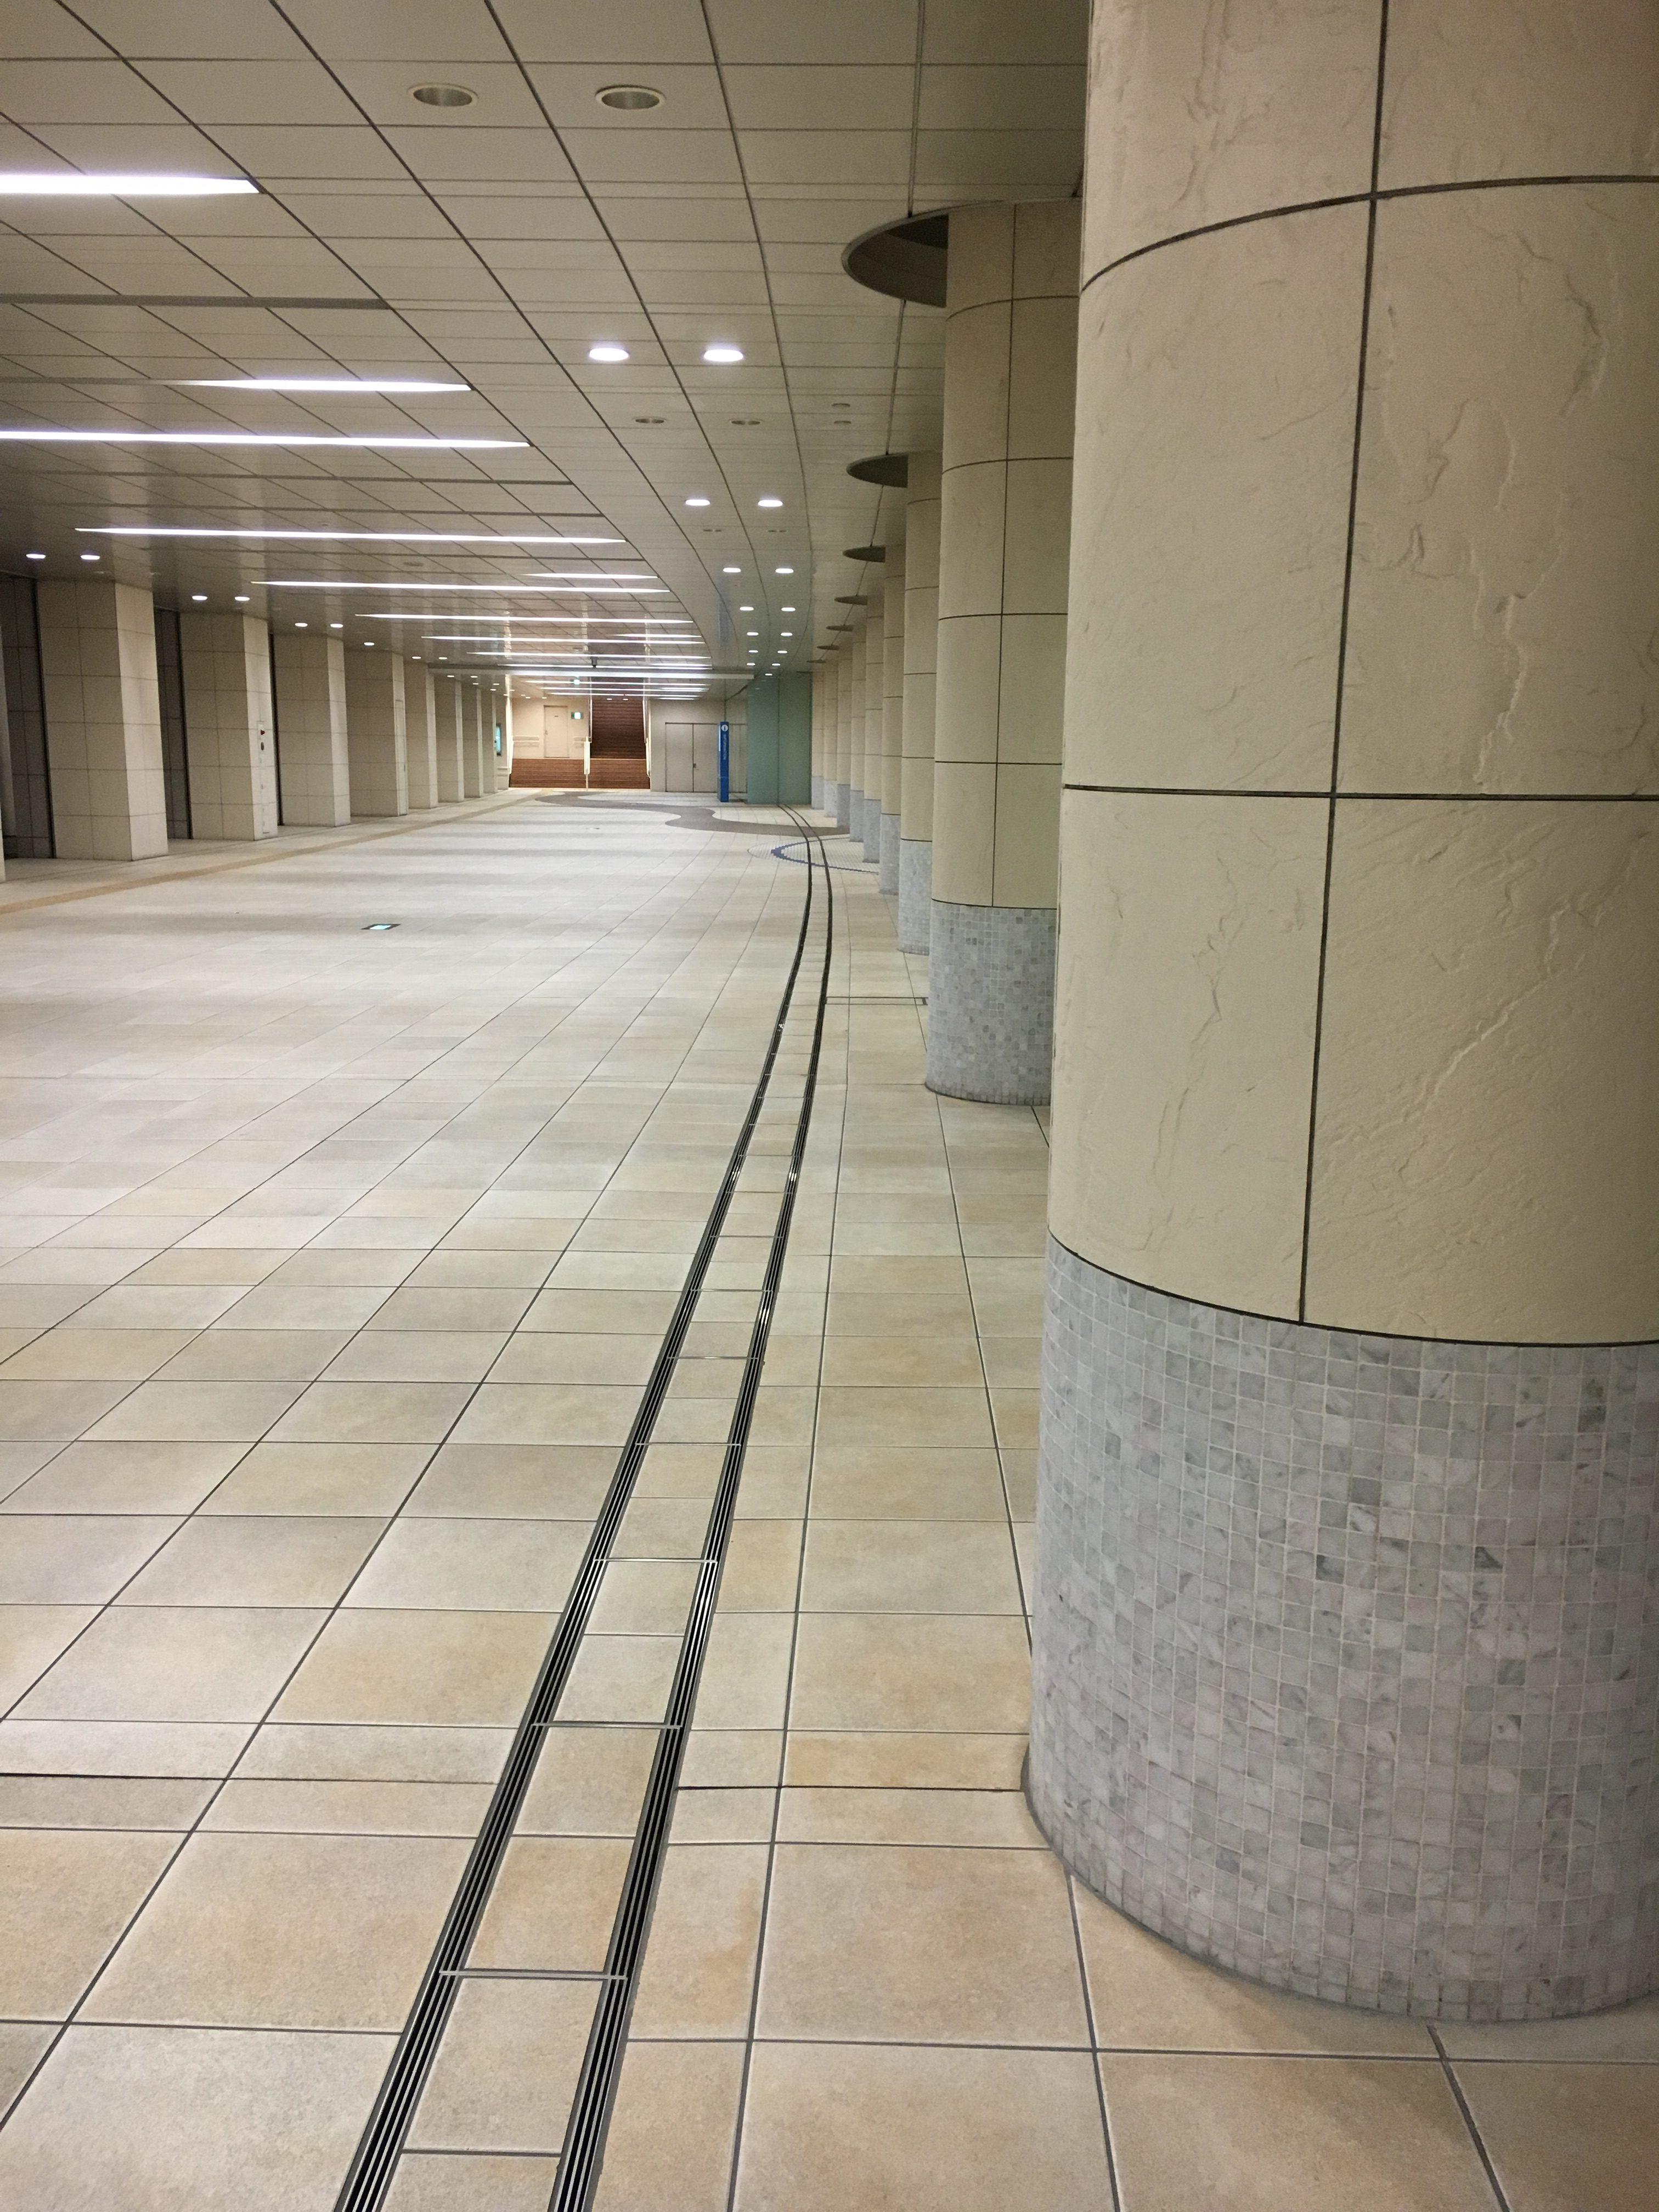 ナオミとカナコのロケ地:汐留シティーセンター